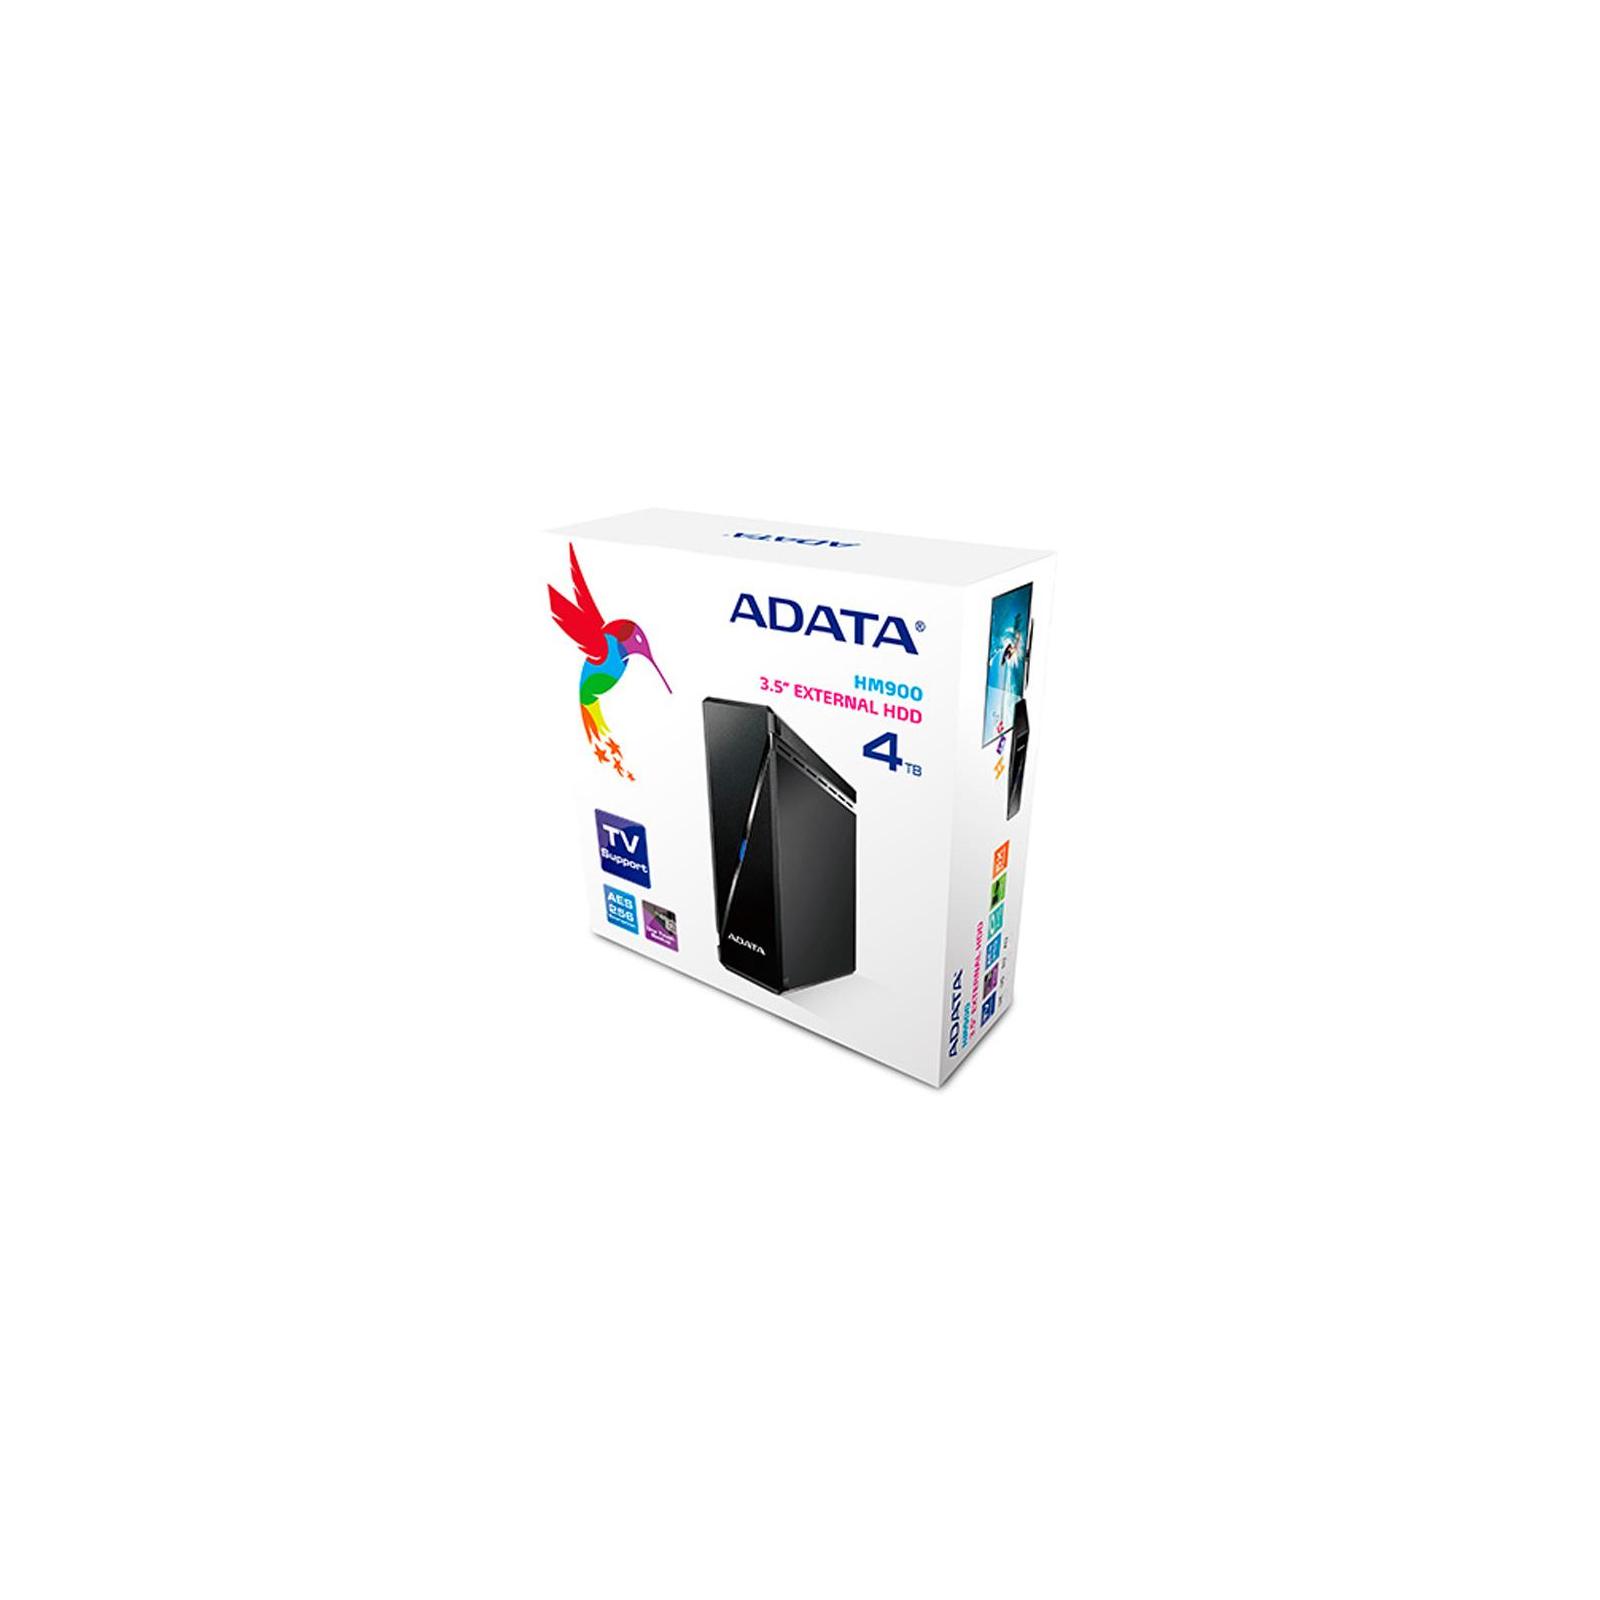 """Внешний жесткий диск 3.5"""" 4TB ADATA (AHM900-4TU3-CUSBK) изображение 5"""